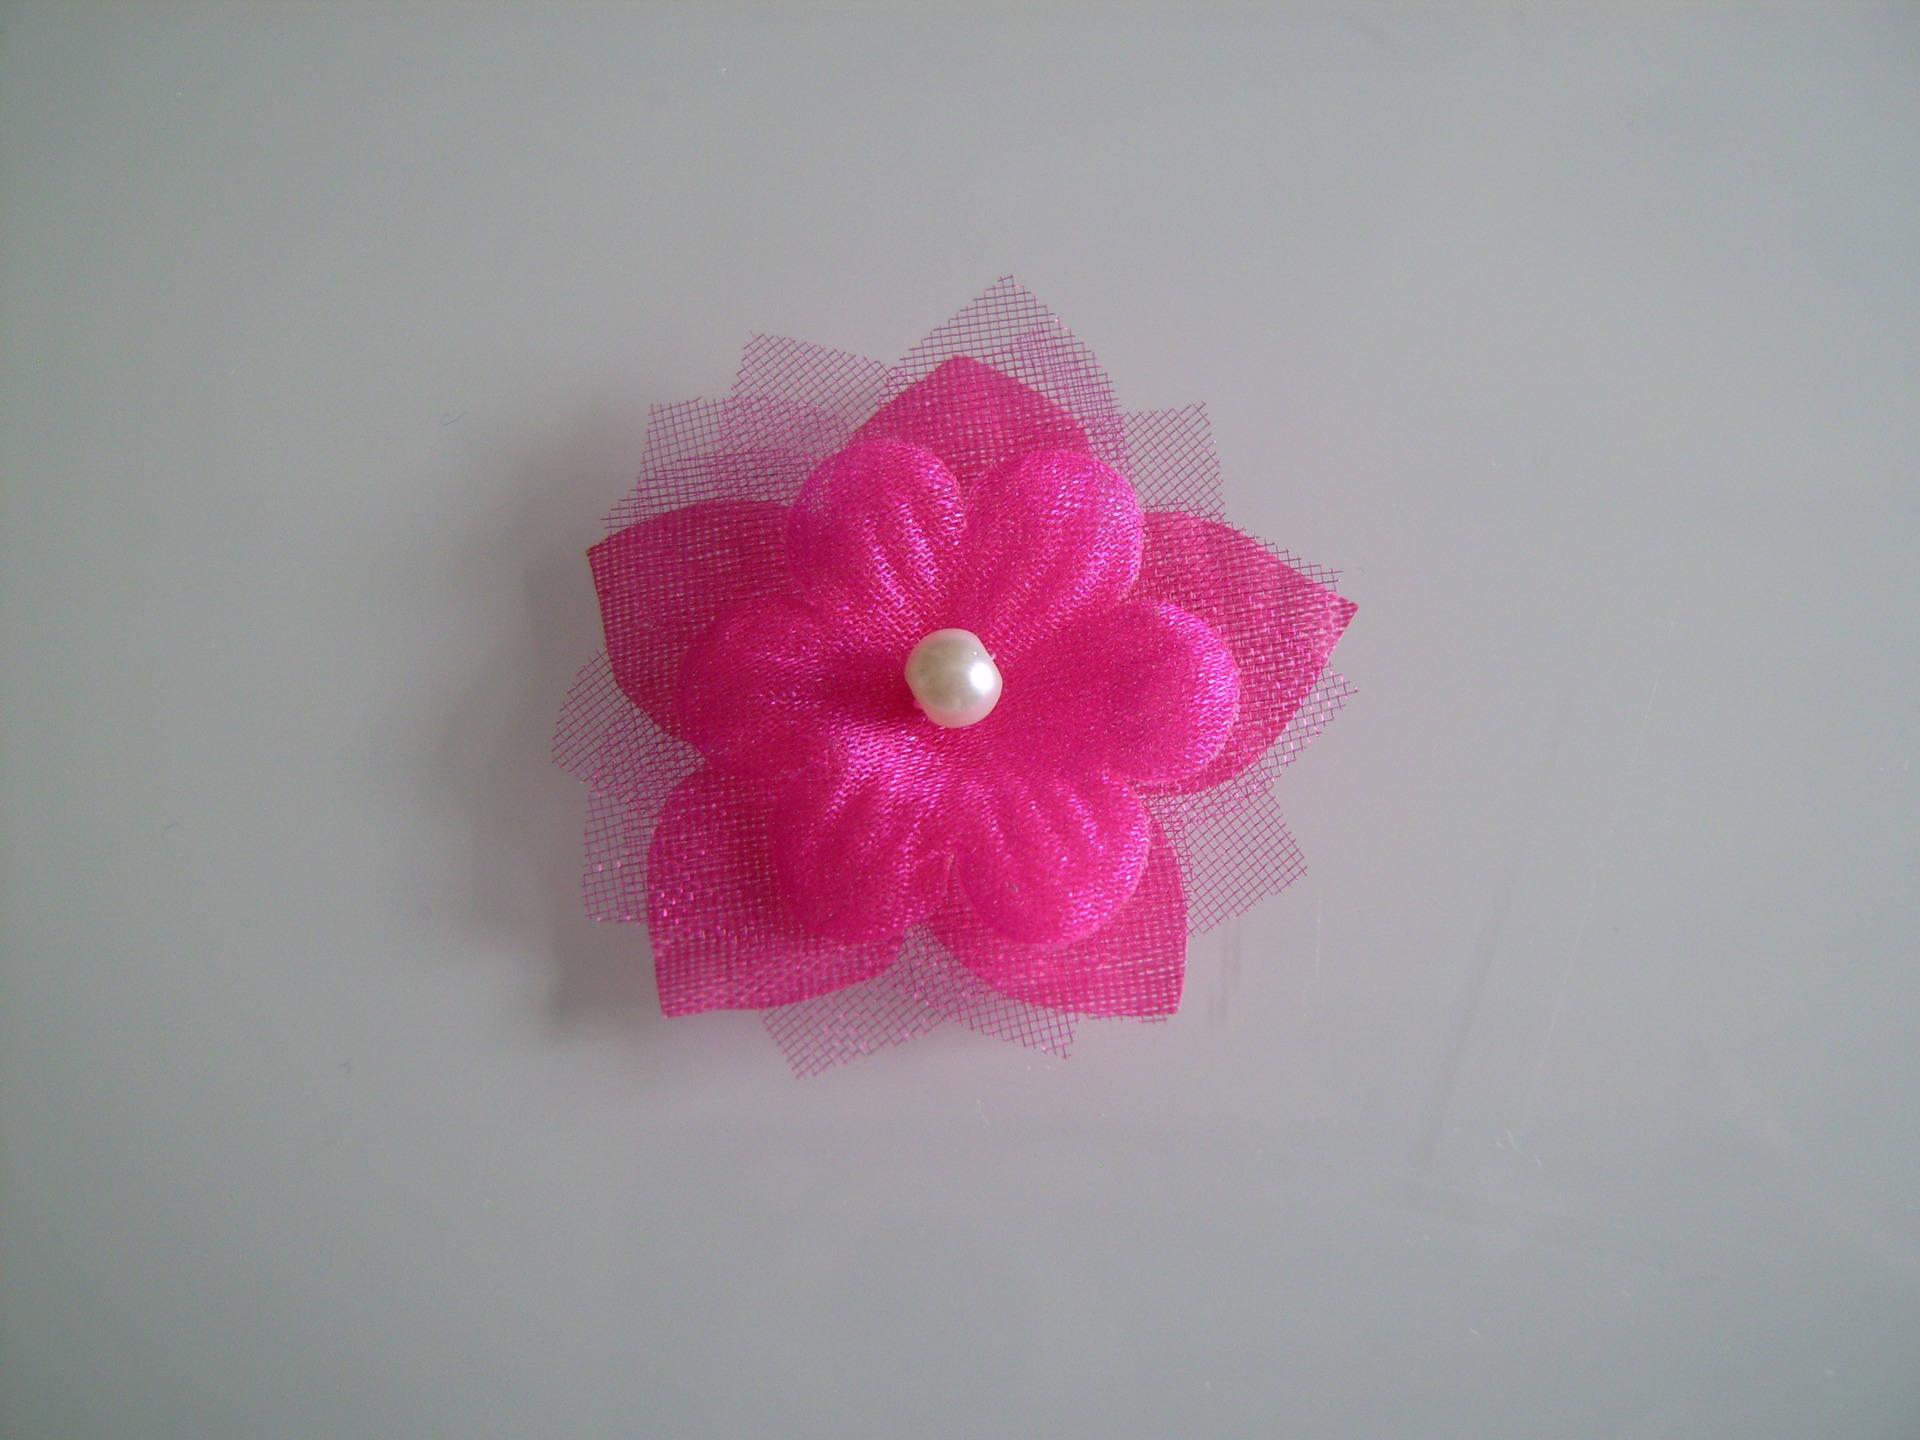 c58c2ec84 Fleur à coudre sur une robe de Mariée/Mariage/Soirée Rose fuchsia/Ivoire (  ou blanc/fuchsia) Fleur (pas cher)